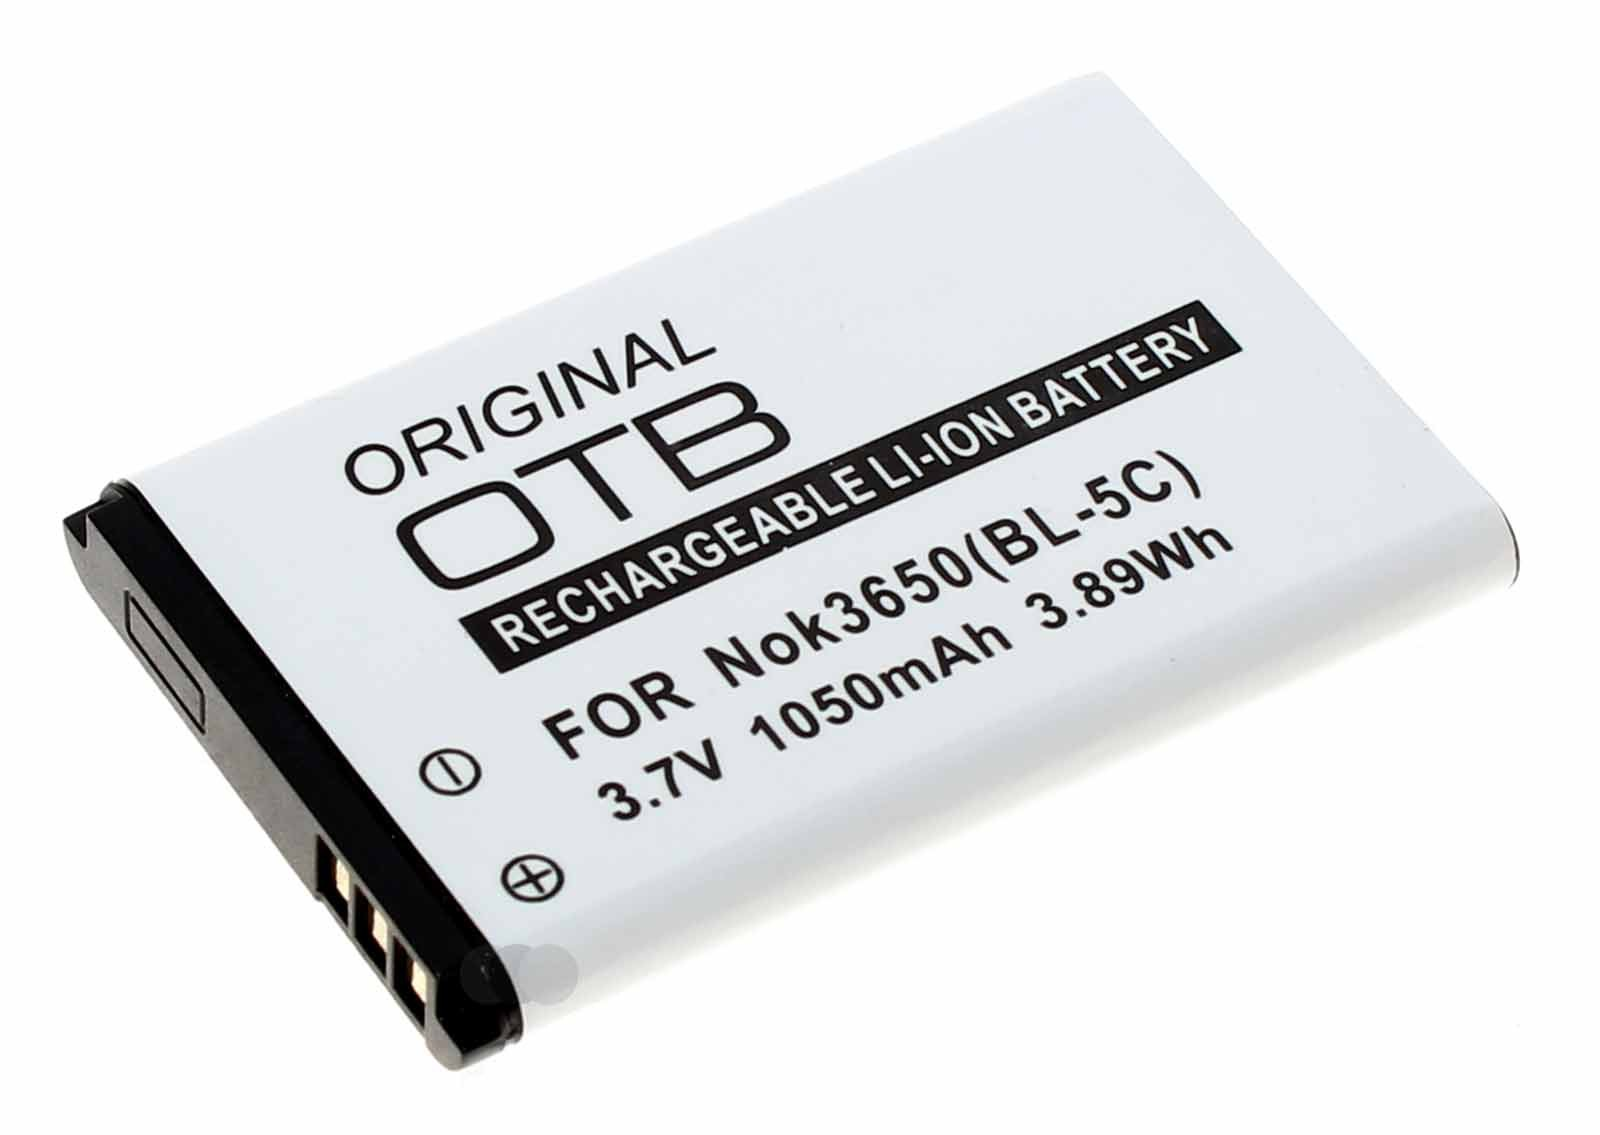 Akku für Nokia 100, C1, E50, N70, N-Gage u.a., ersetzt Nokia BL-5C BL-5CA u.a., 3,7V, 1050mAh